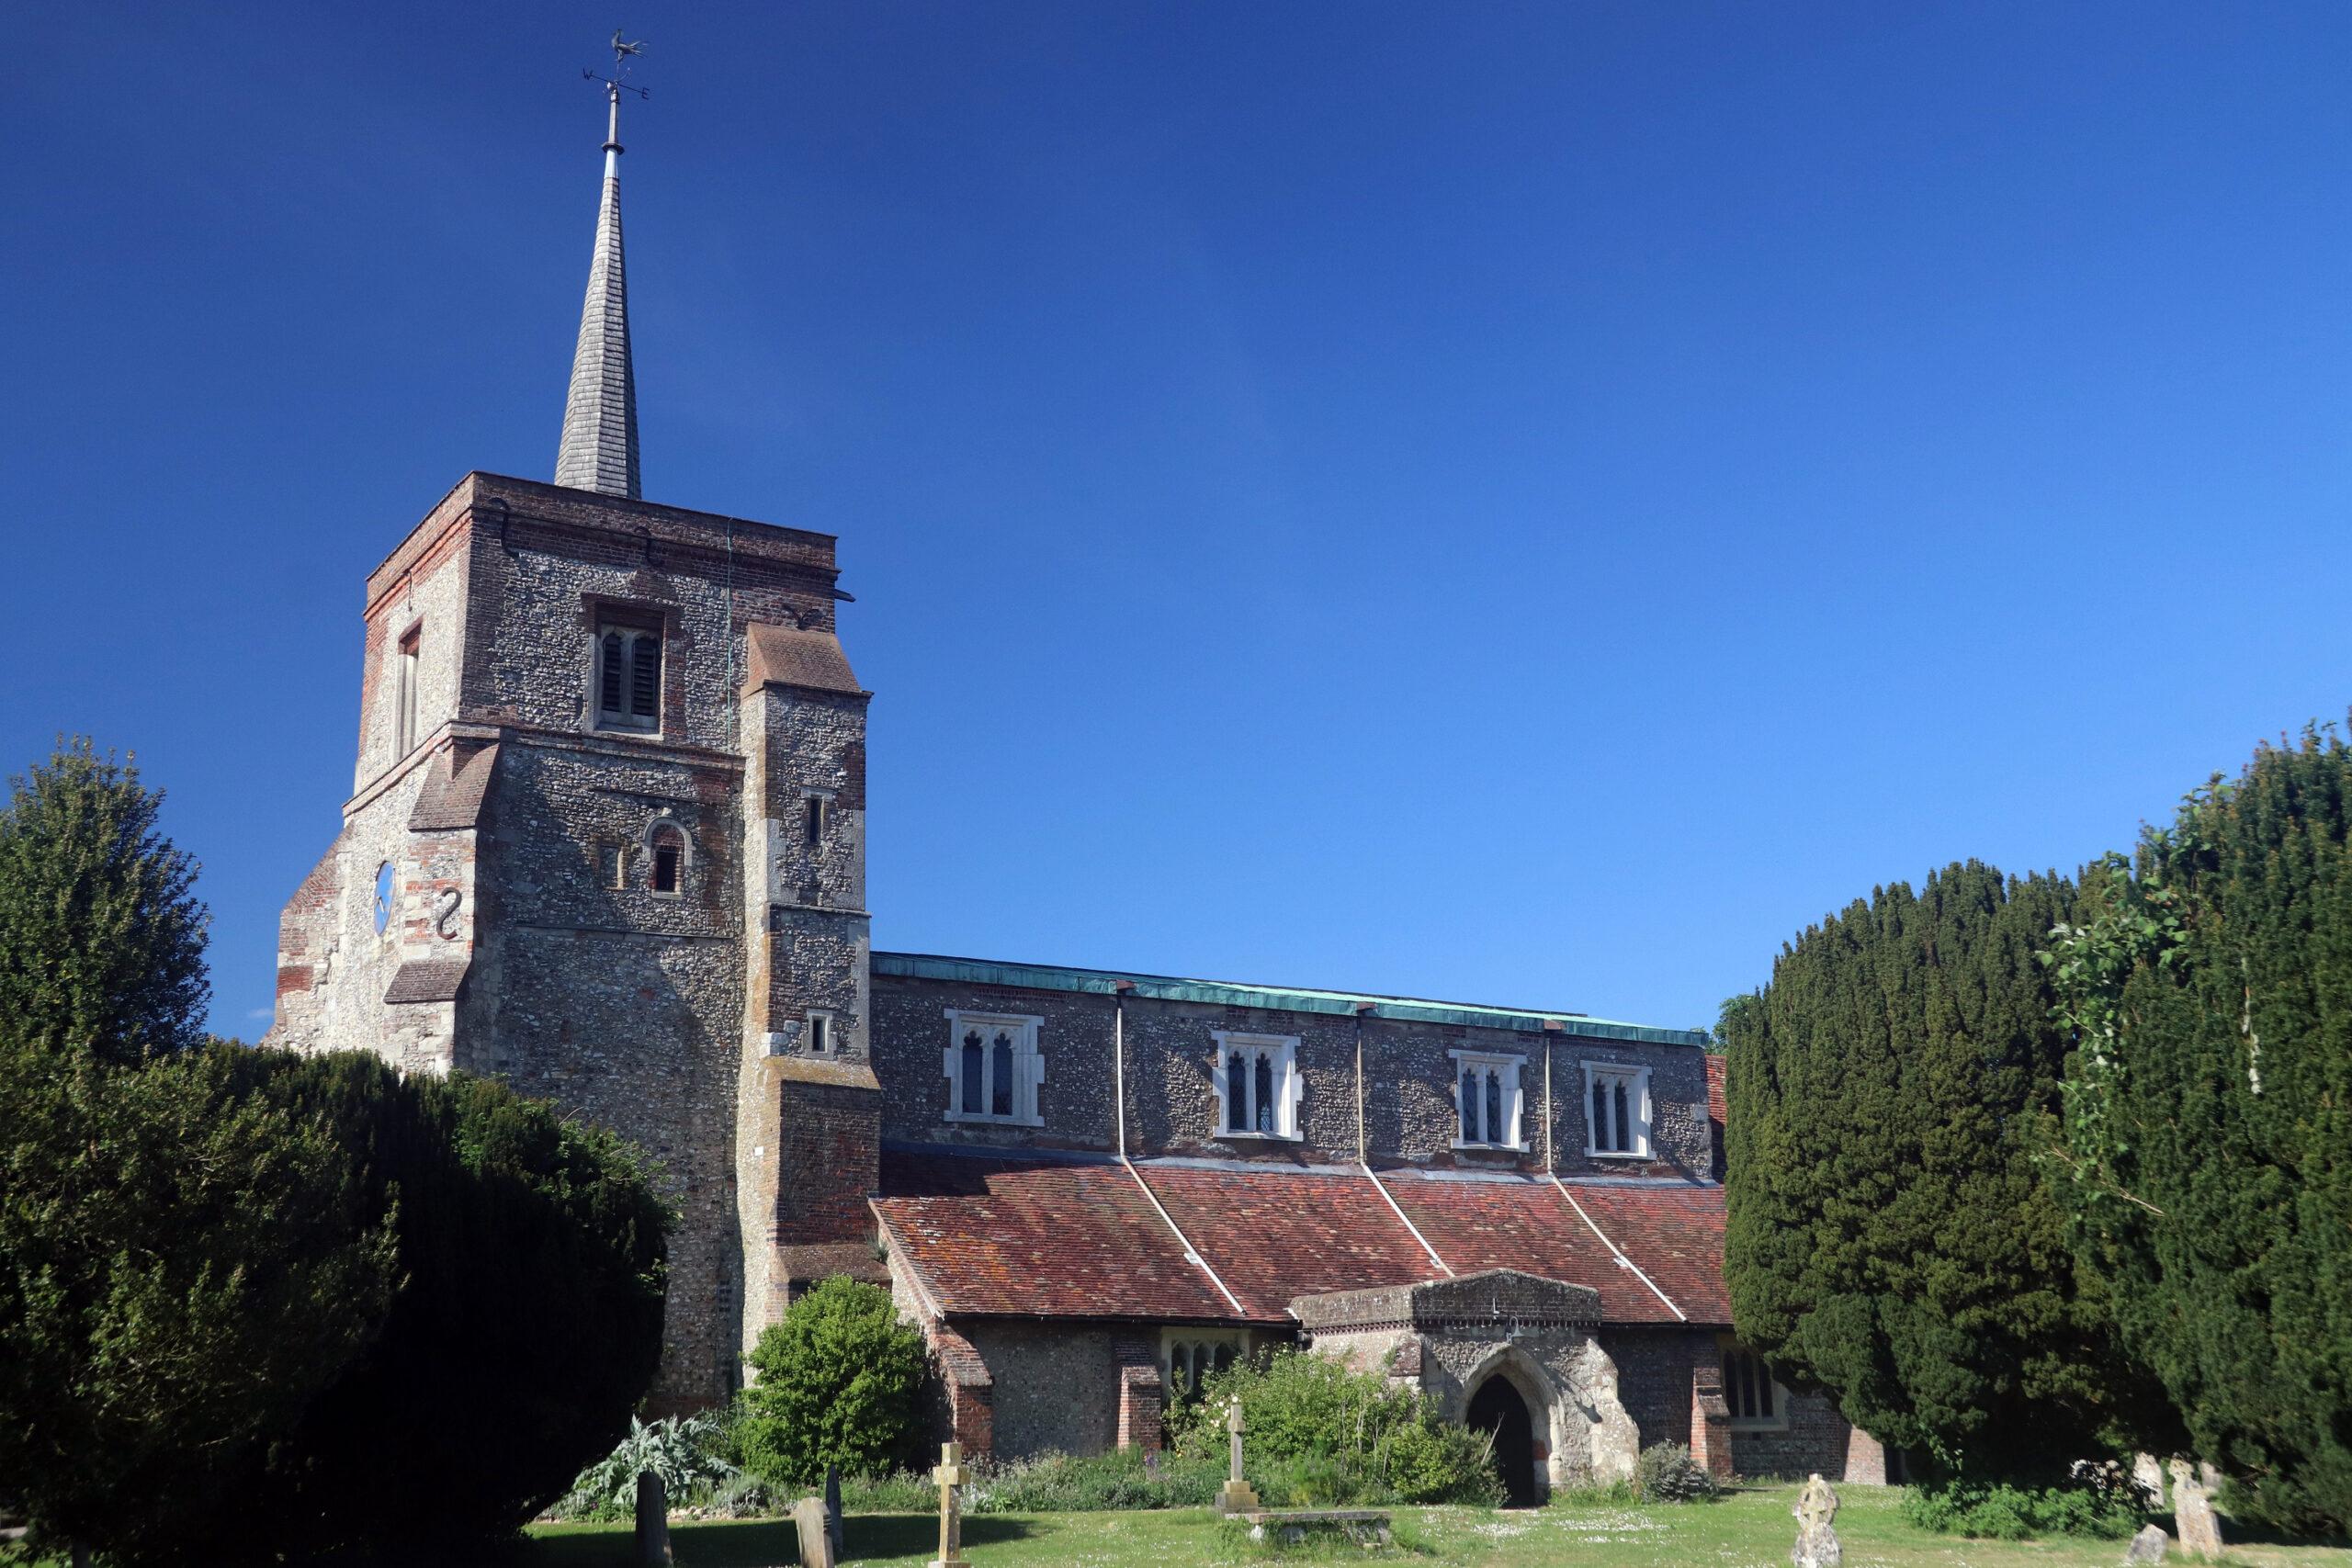 £1m conservation work begins on Hertfordshire church